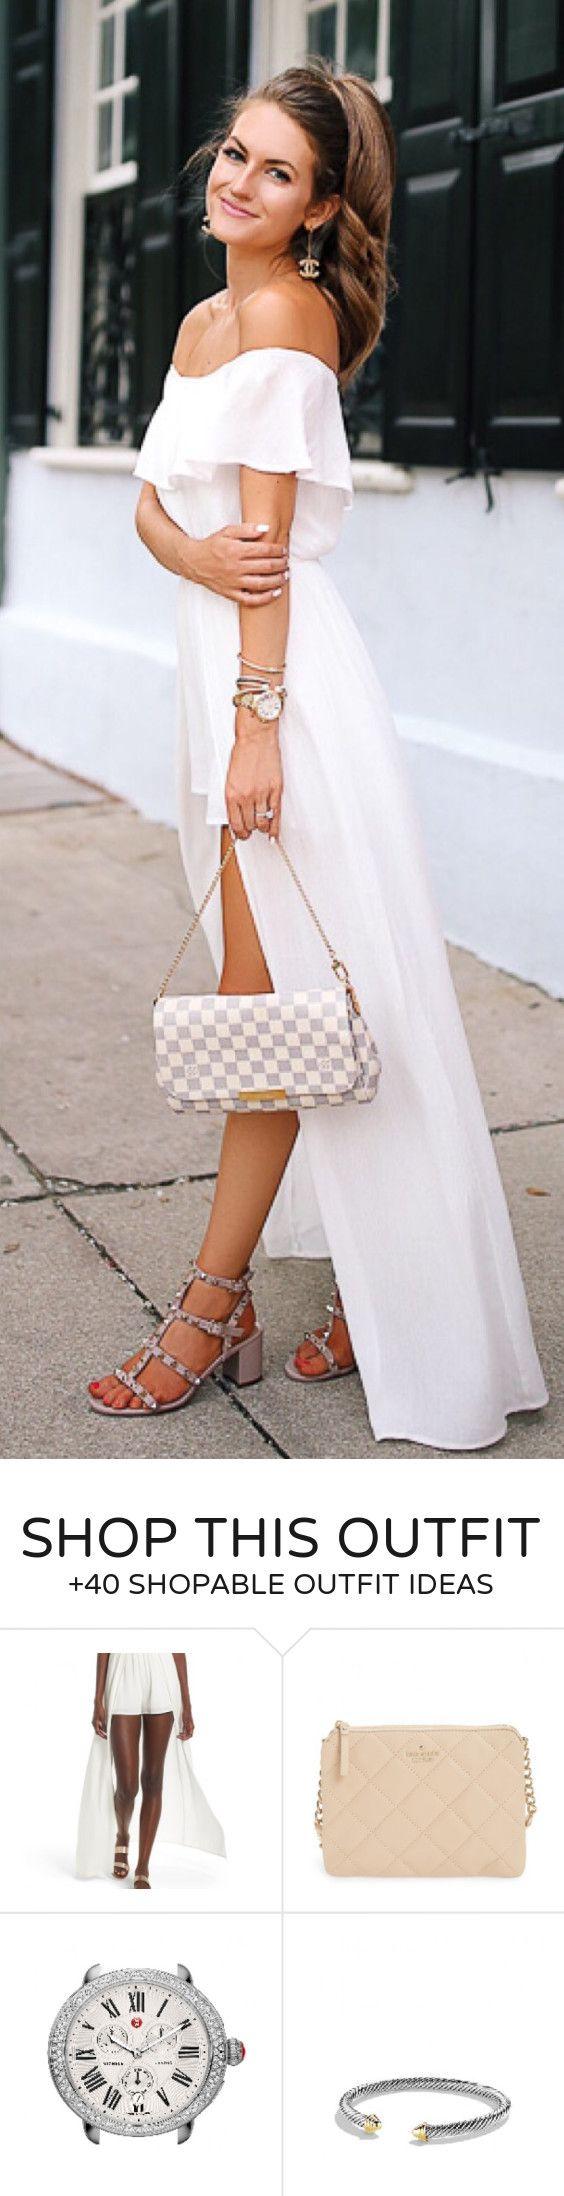 #outfits #summer blancos fuera del hombro sandalias del vestido maxi + gris tachonado